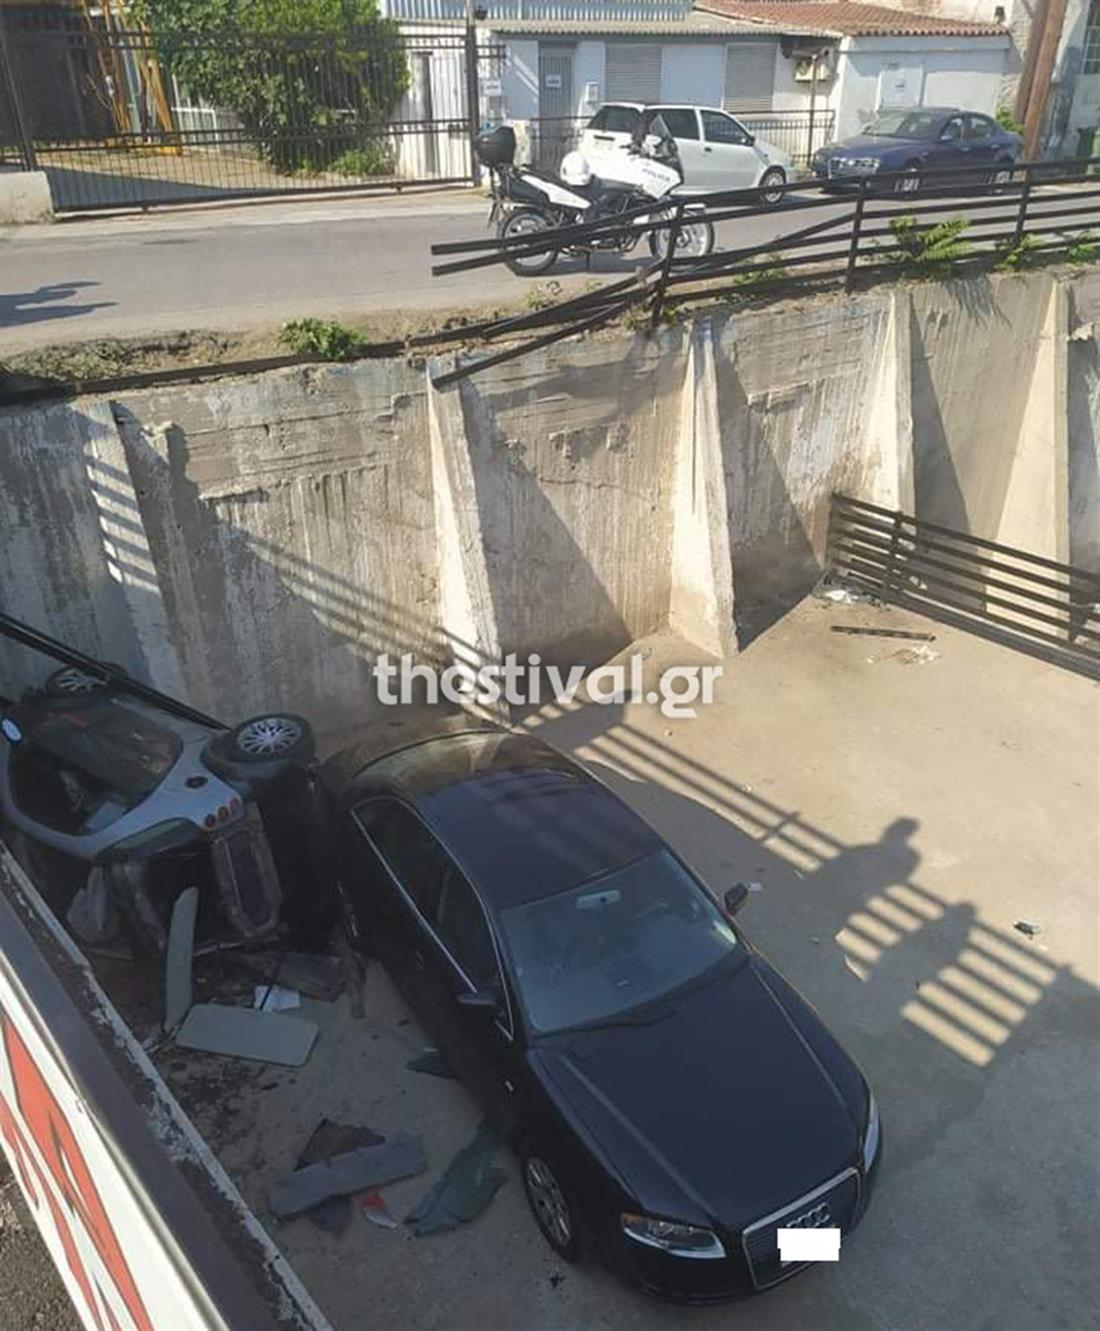 Θεσσαλονίκη - αυτοκίνητο - πάρκινγκ - καταδίωξη